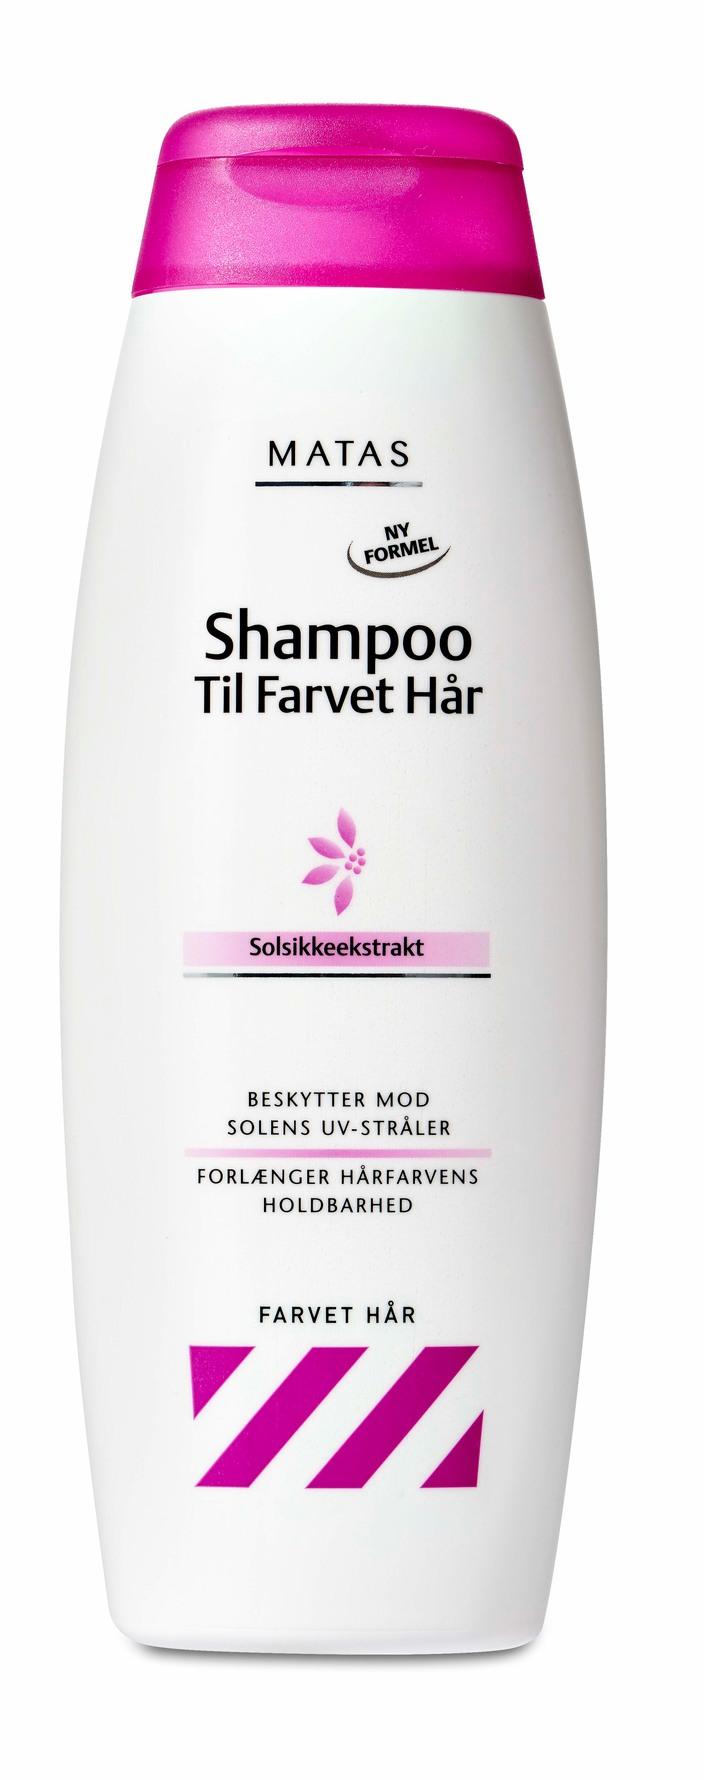 shampoo til farvet hår